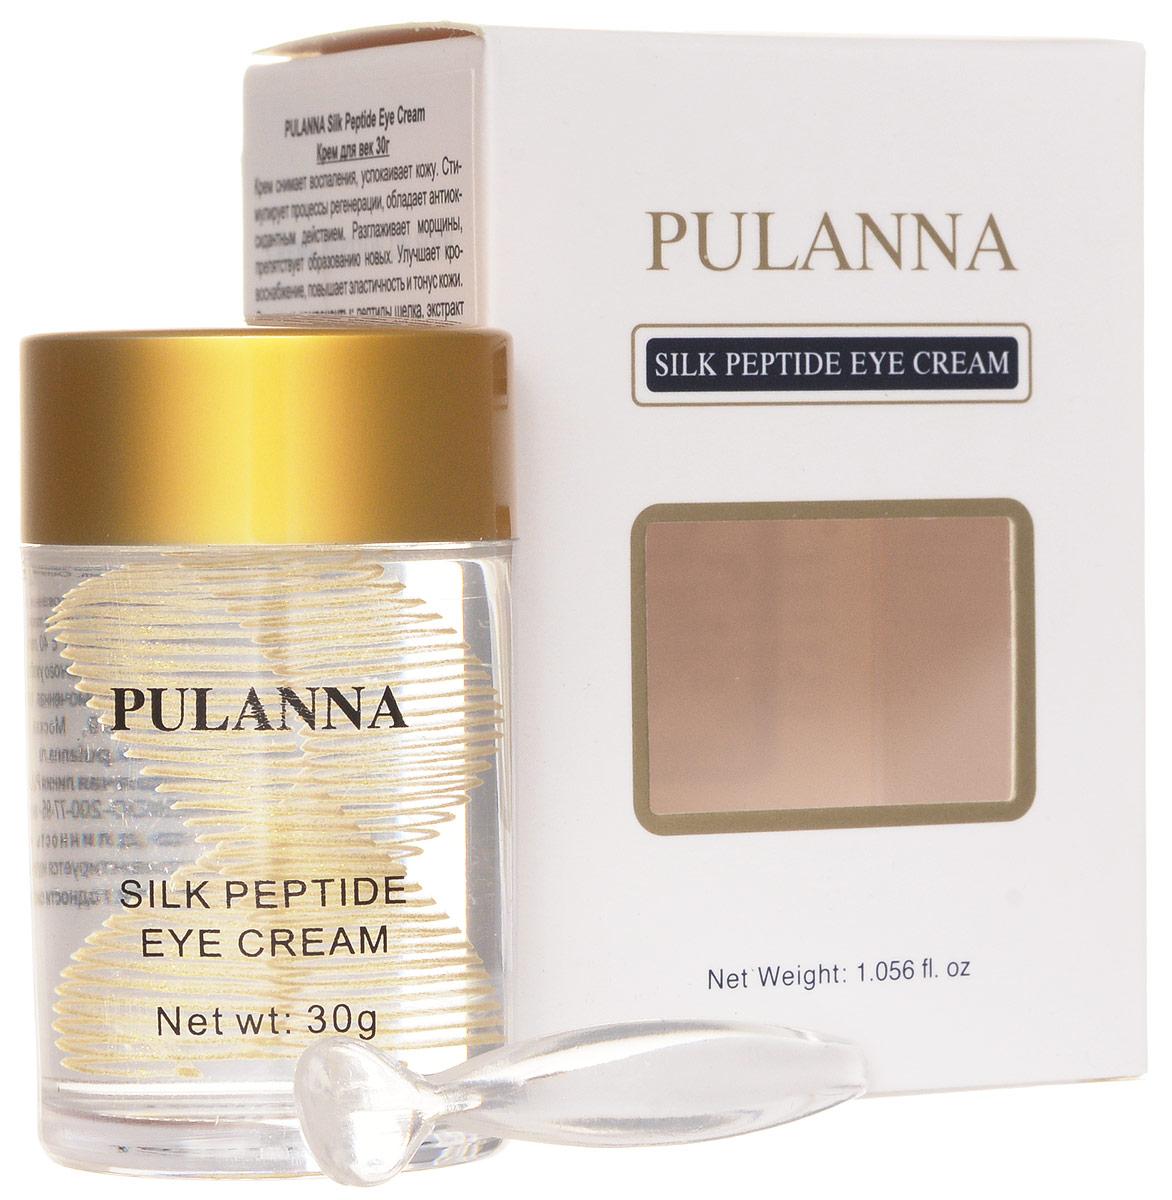 Pulanna Крем для век на основе пептидов шелка - Silk Peptide Eye Cream 30 г5902596005191Крем содержит необходимые коже аминокислоты, которые нормализуют водный и белковый обменные процессы. Насыщает кожу витаминами и микроэлементами, укрепляет сосуды. Обладает антиоксидантным действием, повышает клеточный иммунитет. Интенсивно увлажняет, придает мягкость и эластичность. Сглаживает морщинки, мимические линии, заломы, препятствует образованию новых. Оказыает успокаивающее действие. Препятствует иссушению кожи век. Рекомендован с 40 лет.